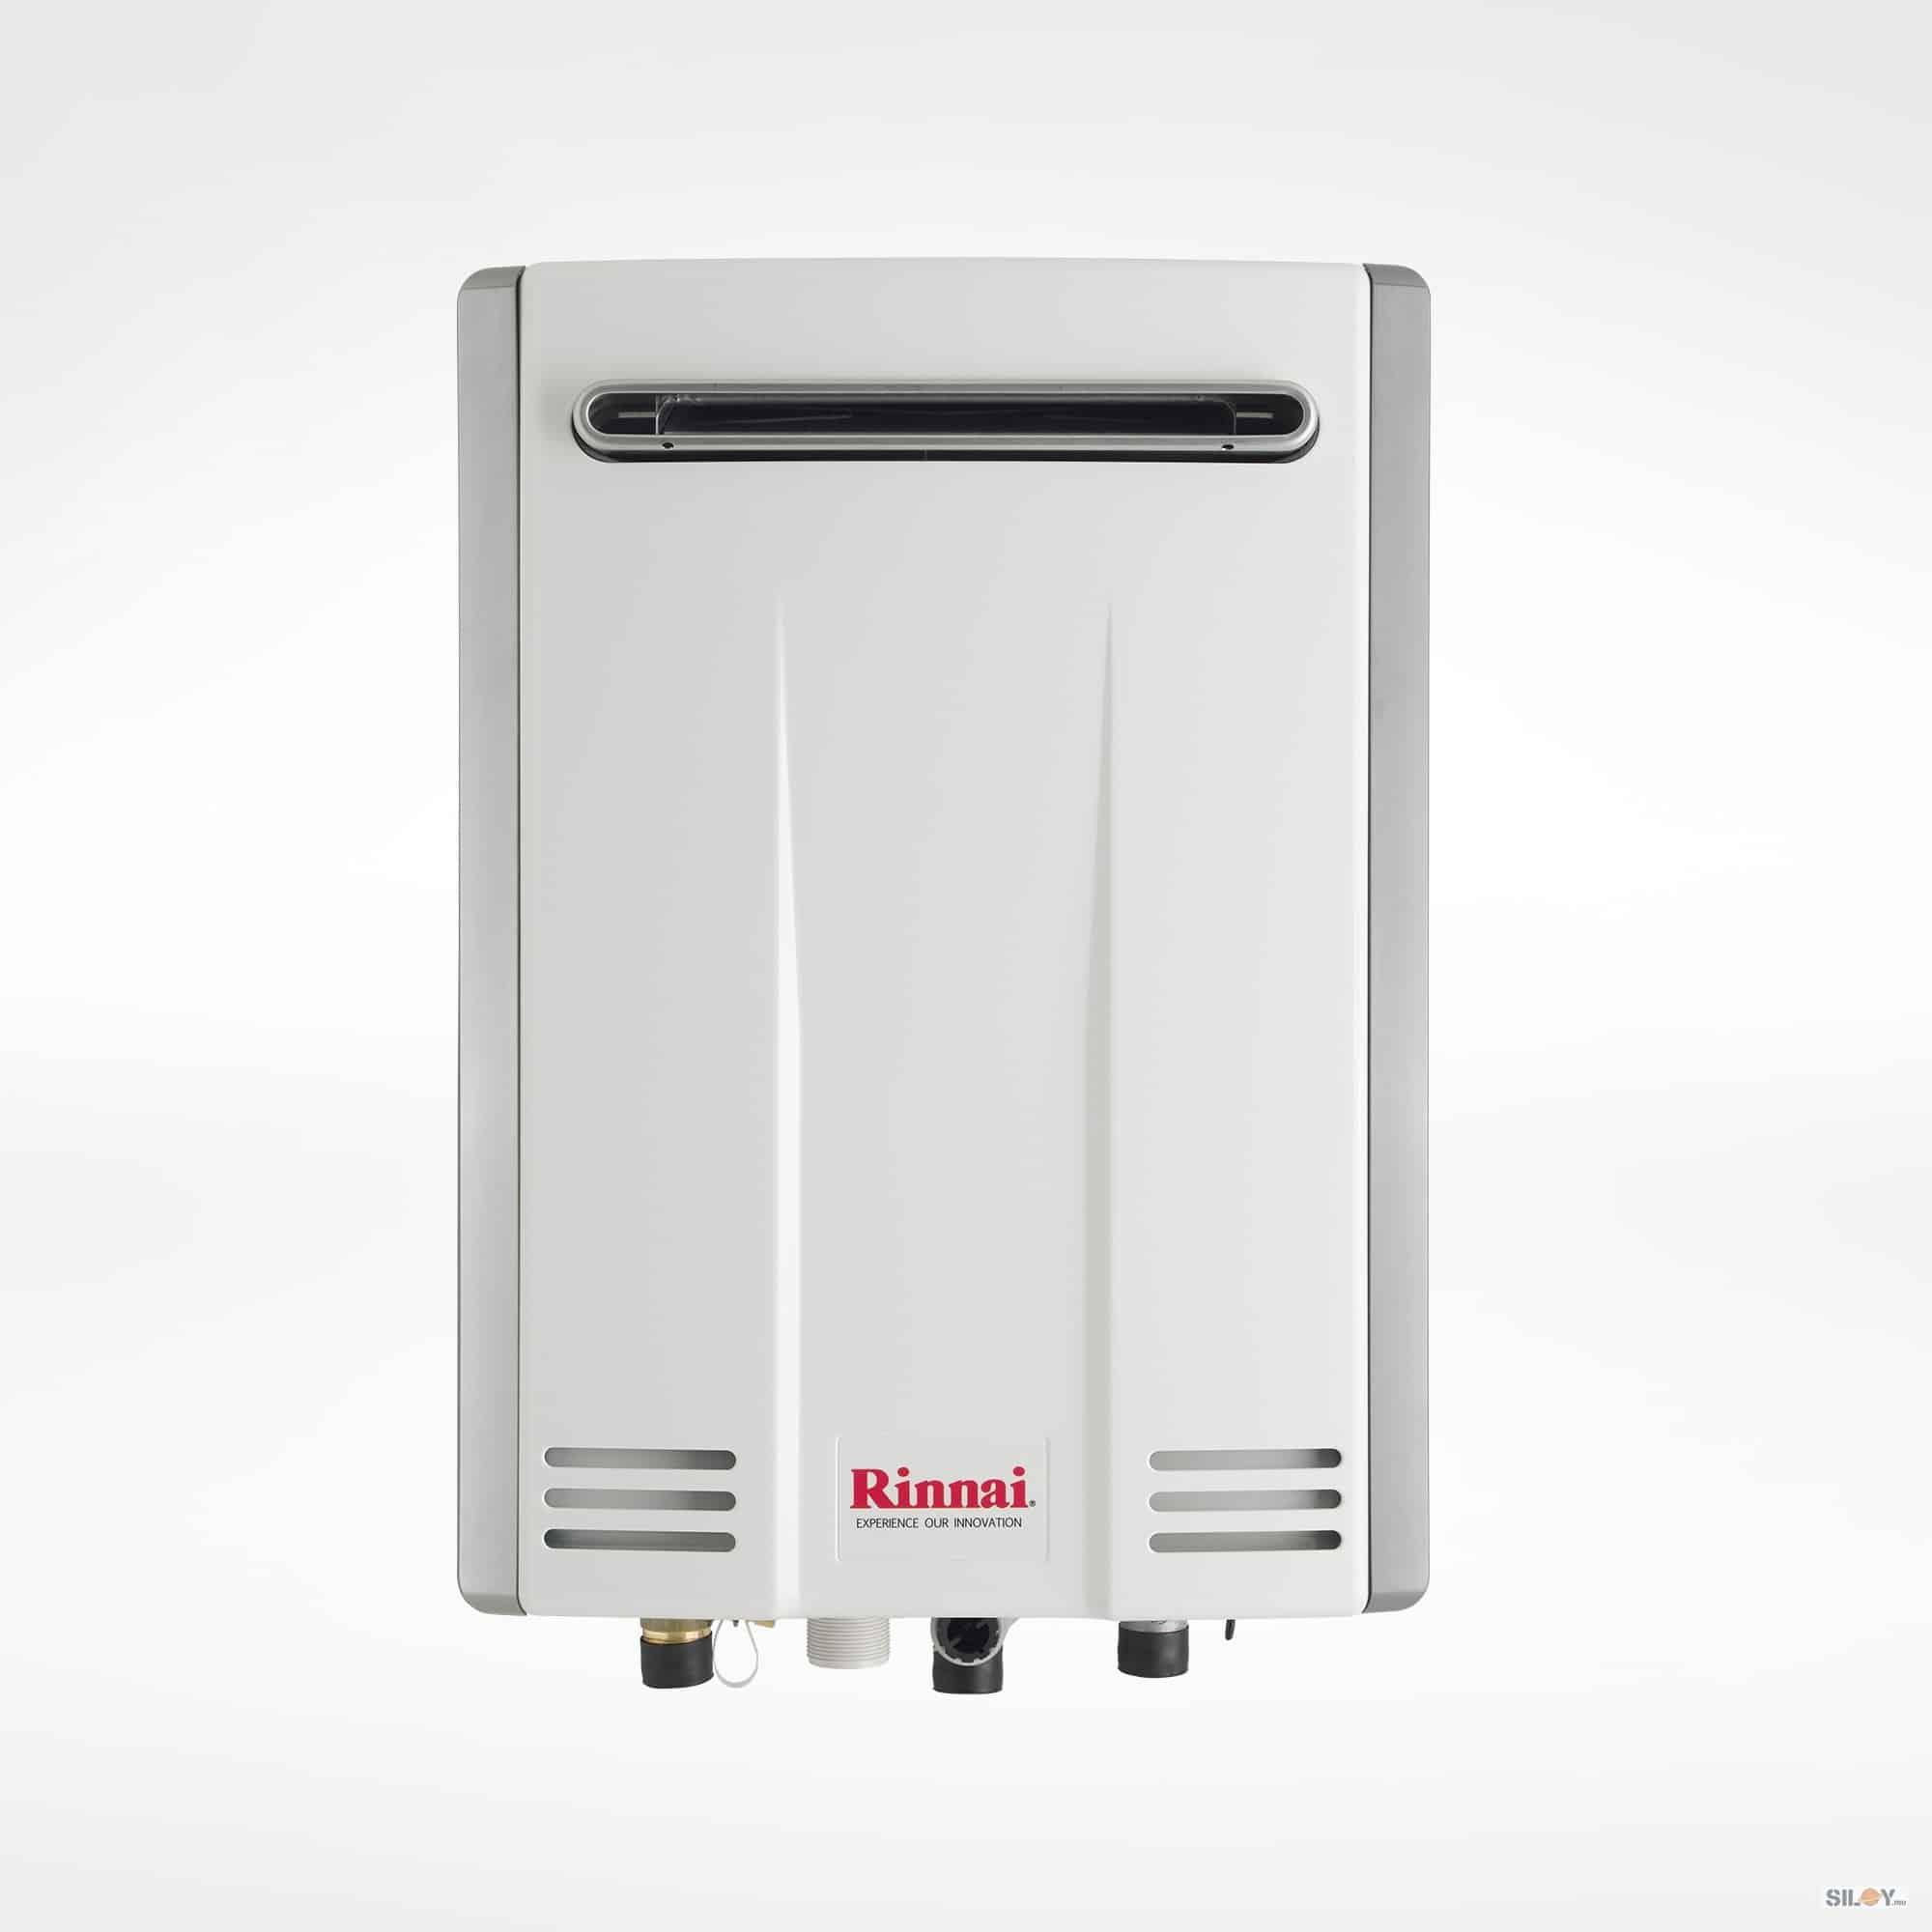 Rinnai Gas Water Heater 26L GWH26